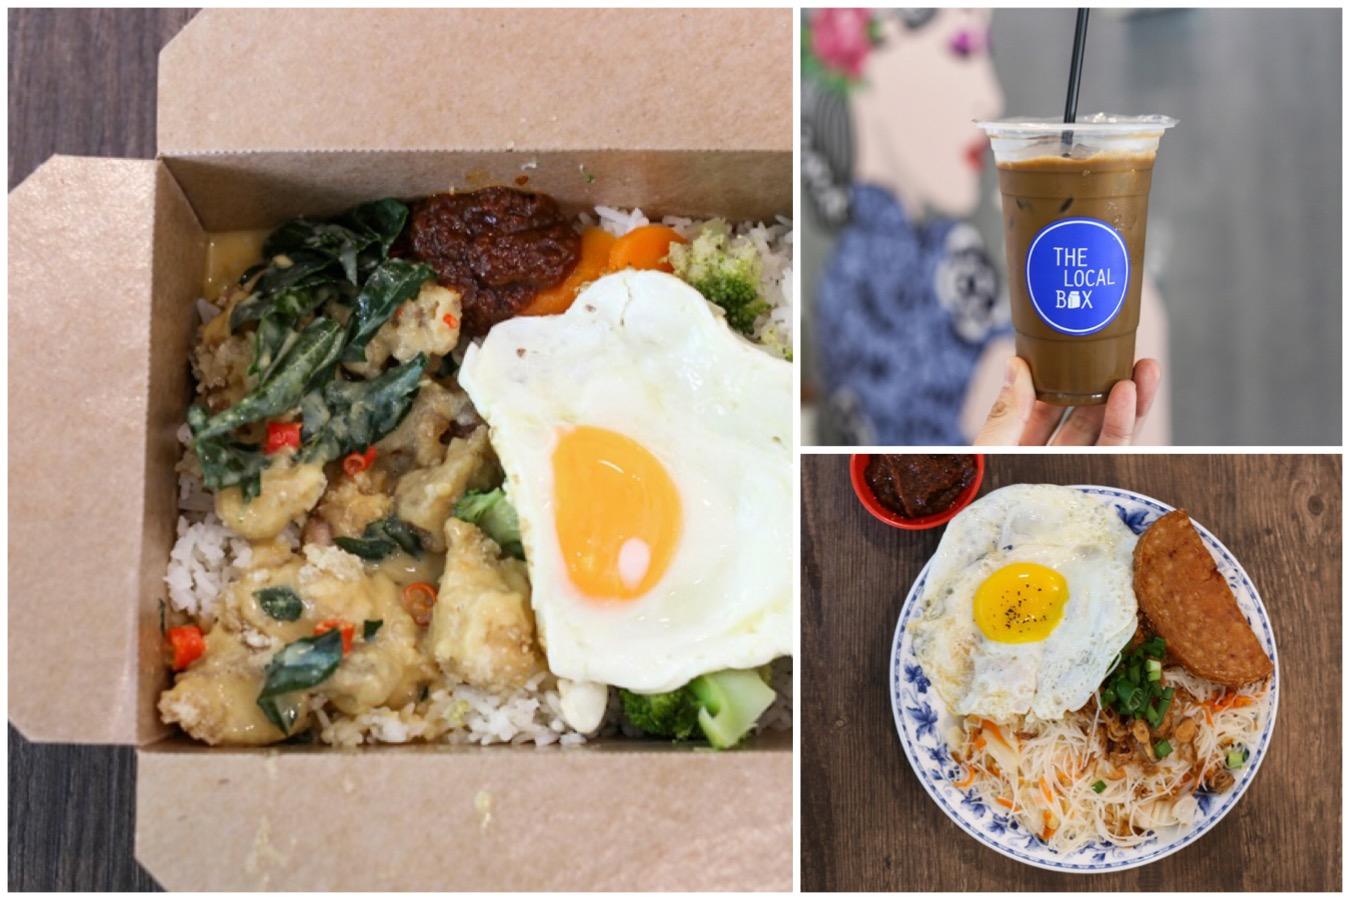 The Local Box - Satay Chicken Nasi Lemak And Salted Egg Chicken Rice At Tanjong Pagar